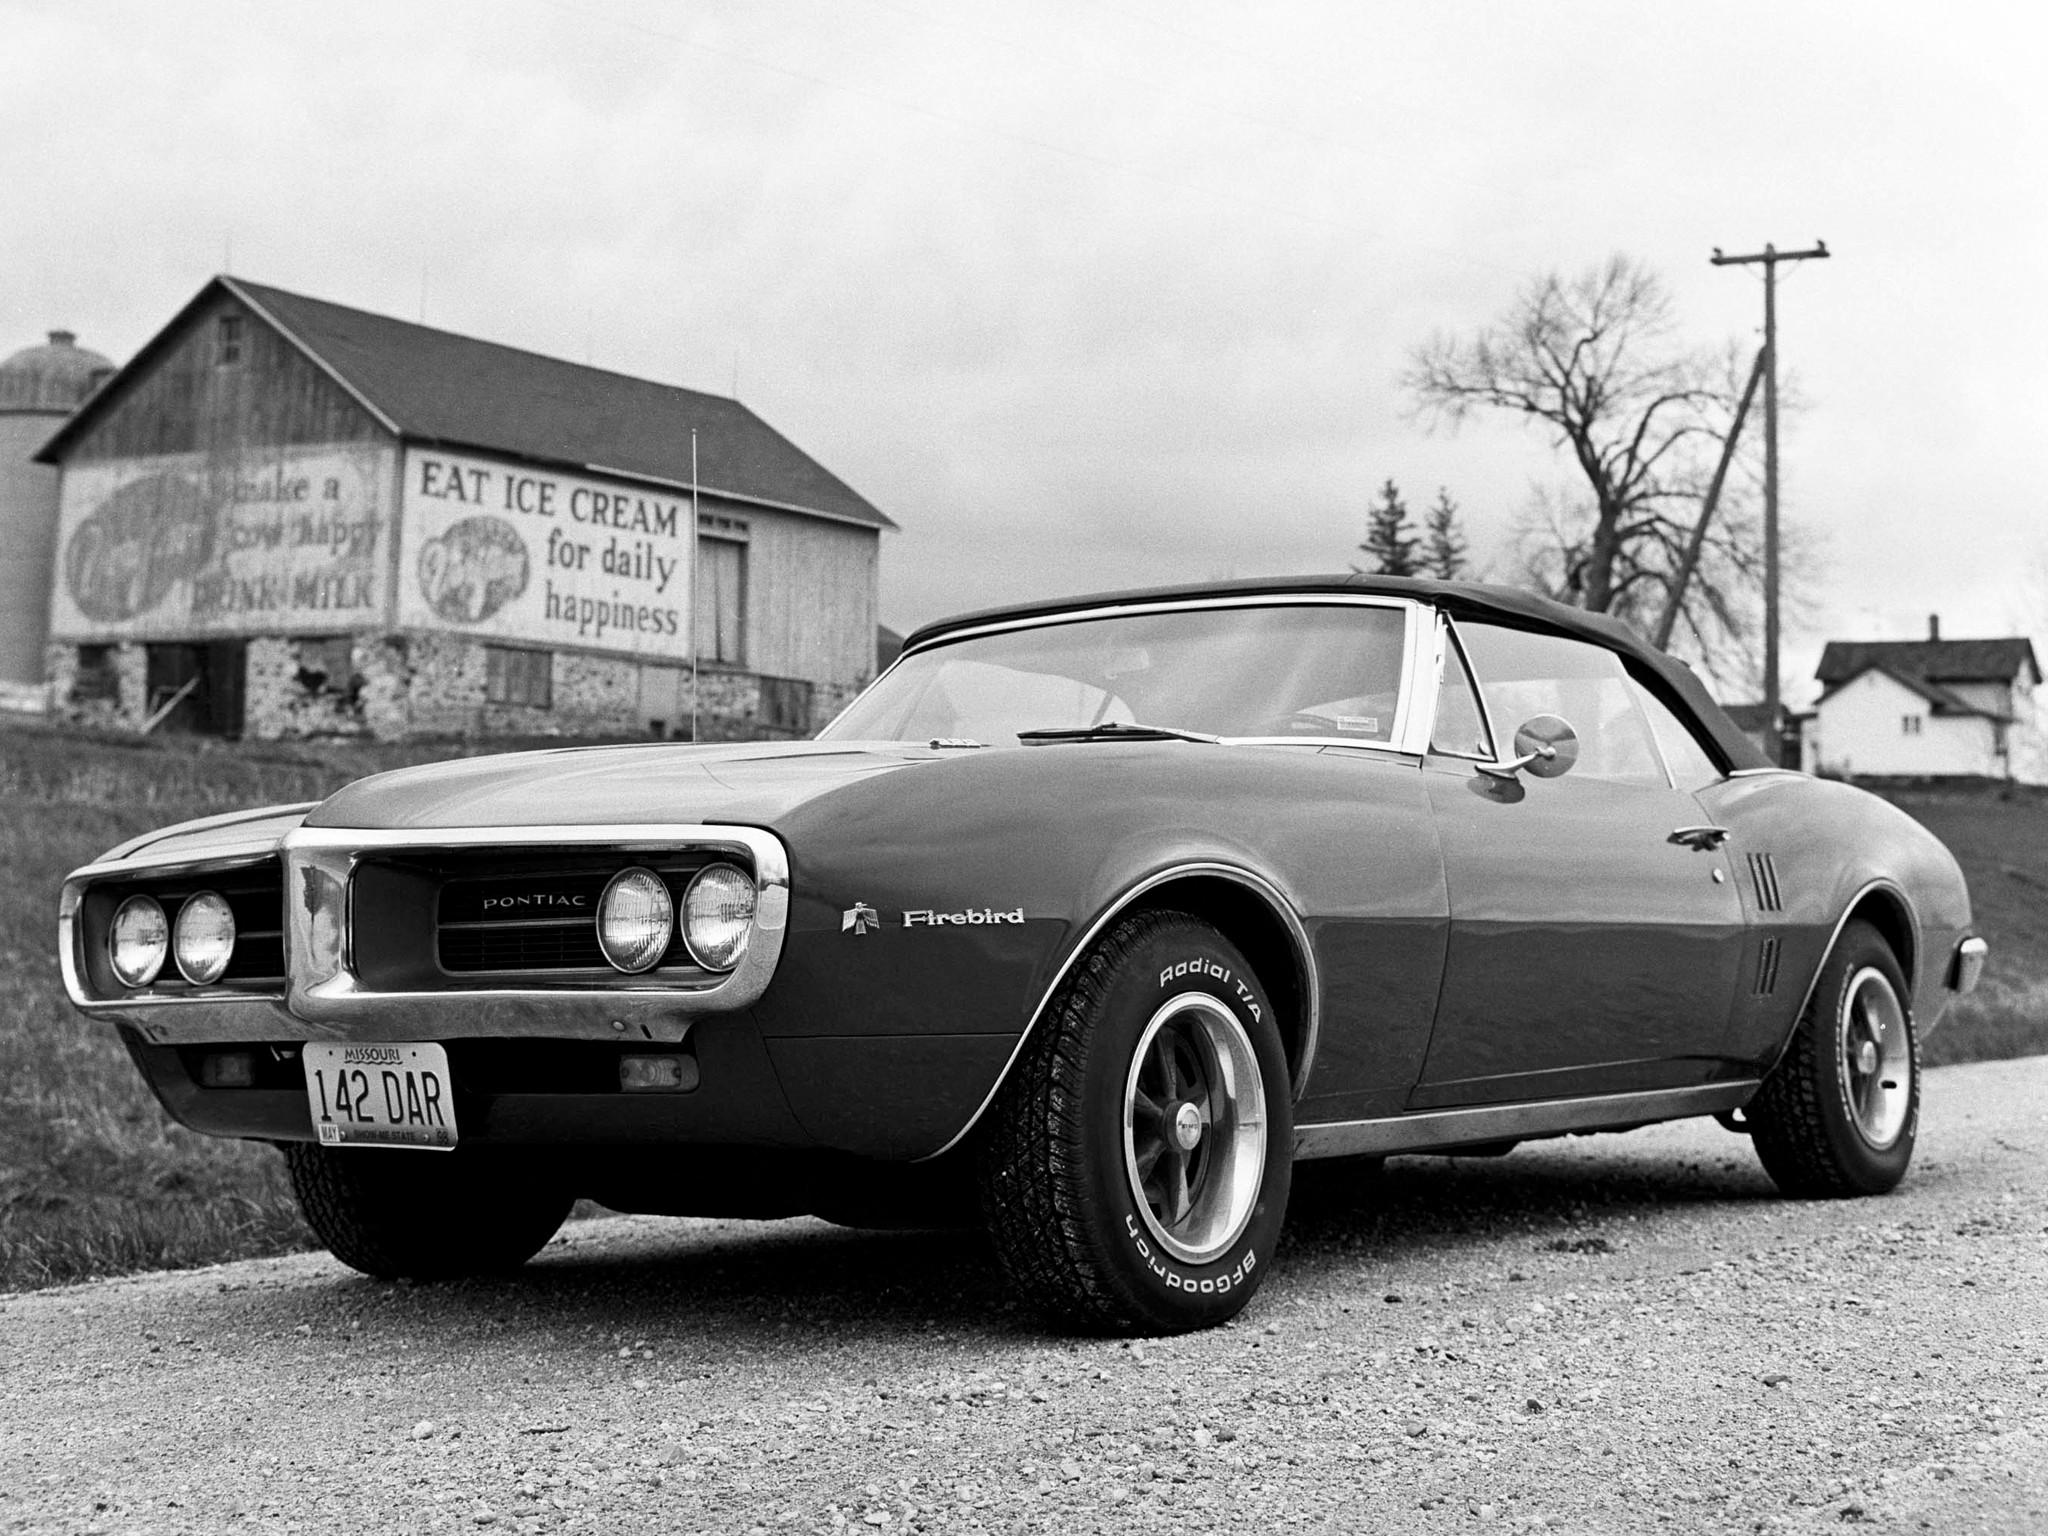 Pontiac Firebird Wallpaper 67 Images